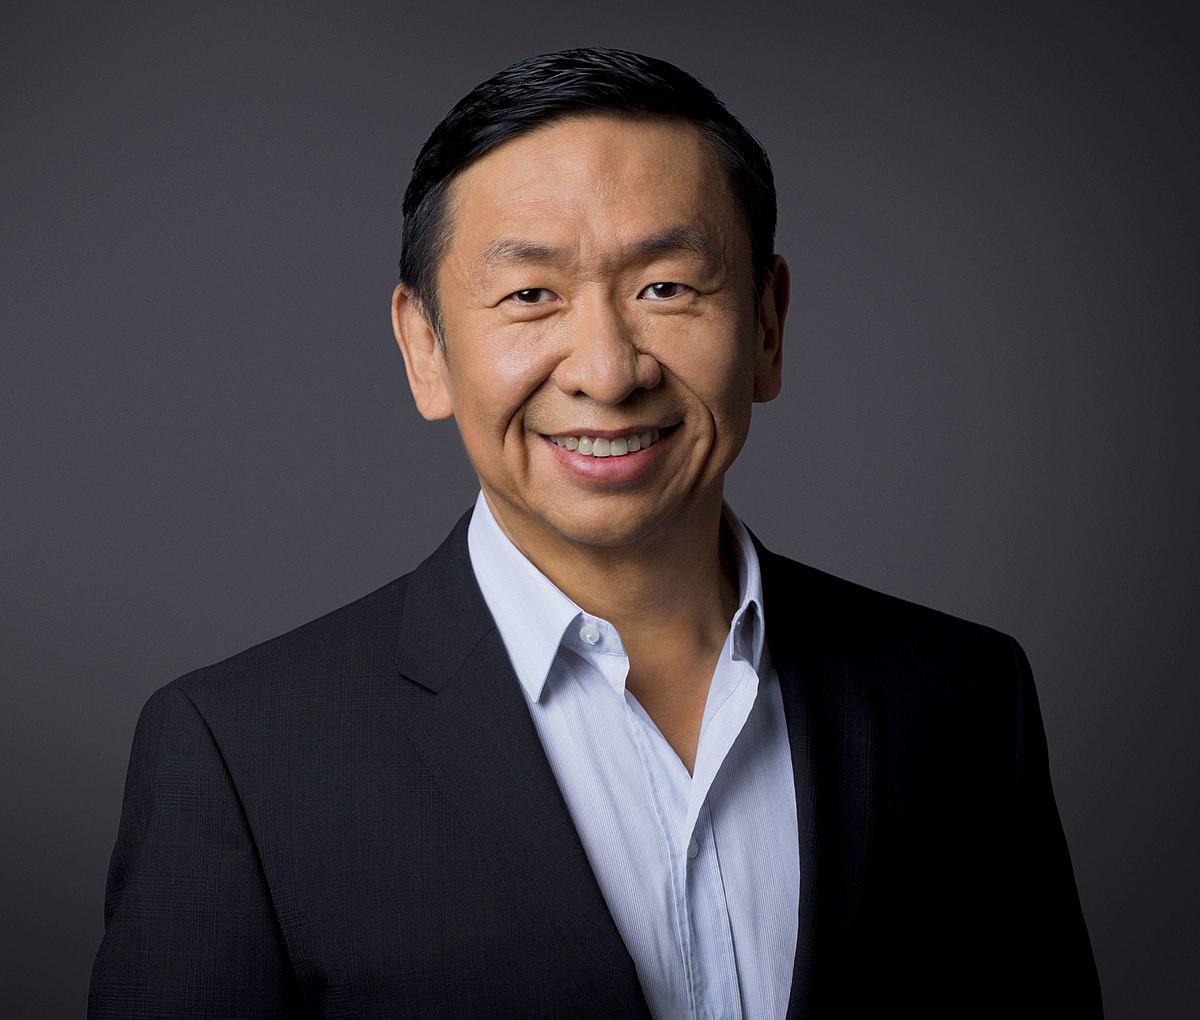 William Wang Wikipedia